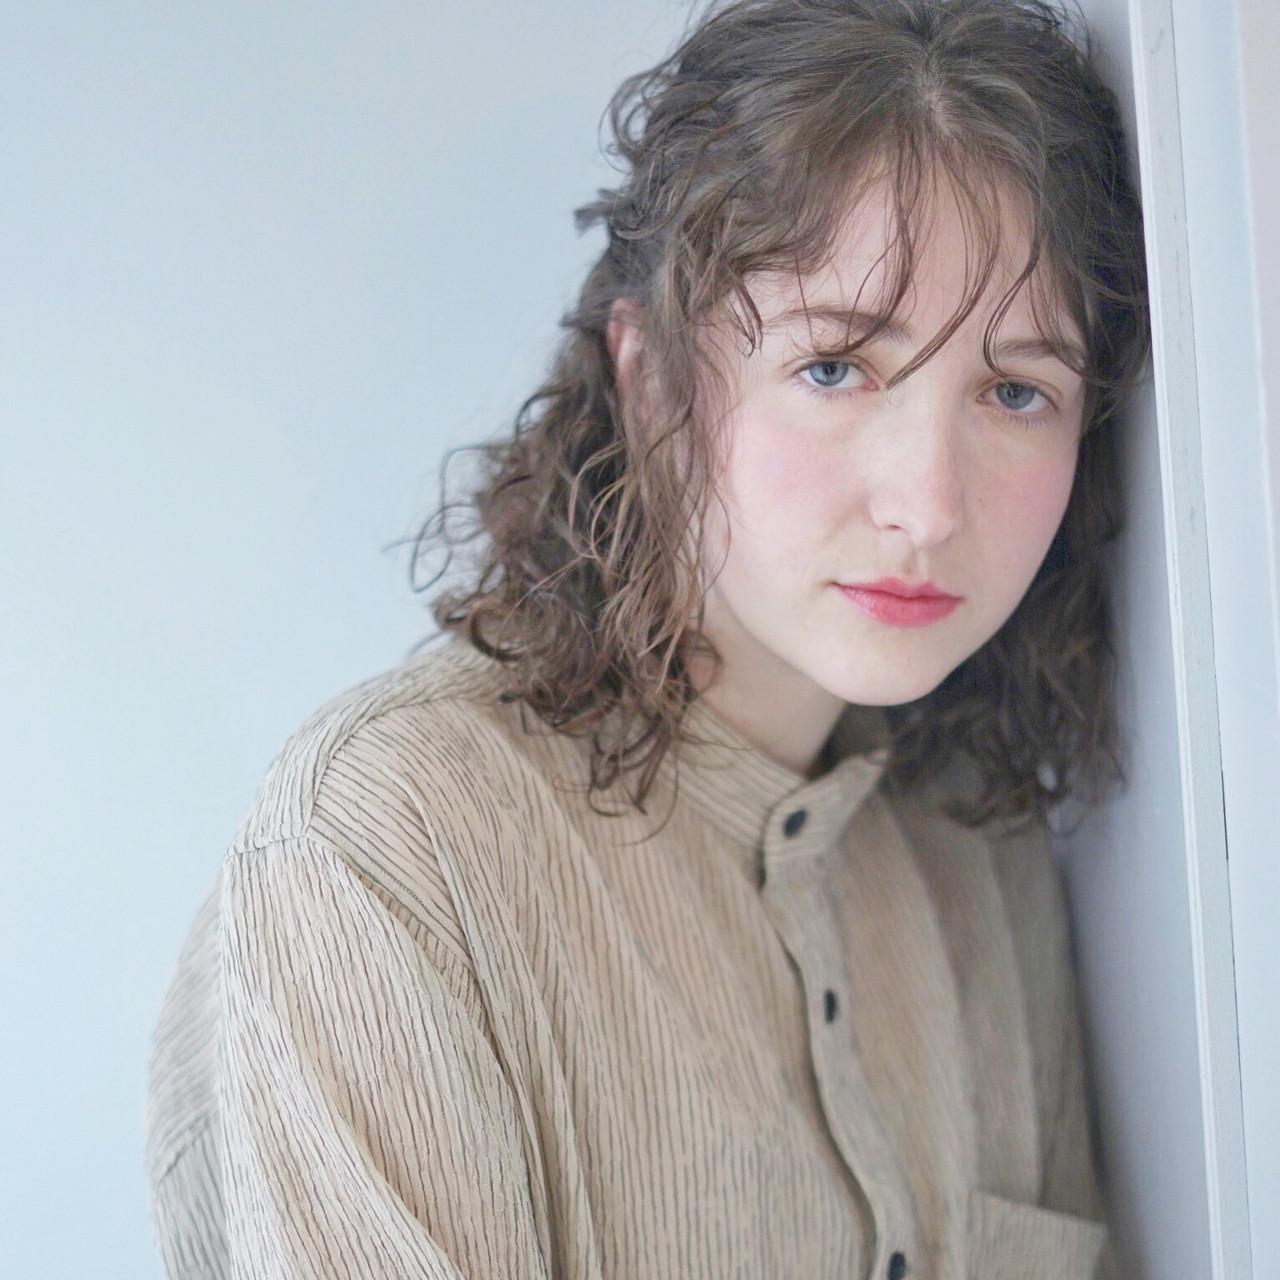 ミディアム 3Dカラー 外国人風カラー ナチュラル ヘアスタイルや髪型の写真・画像